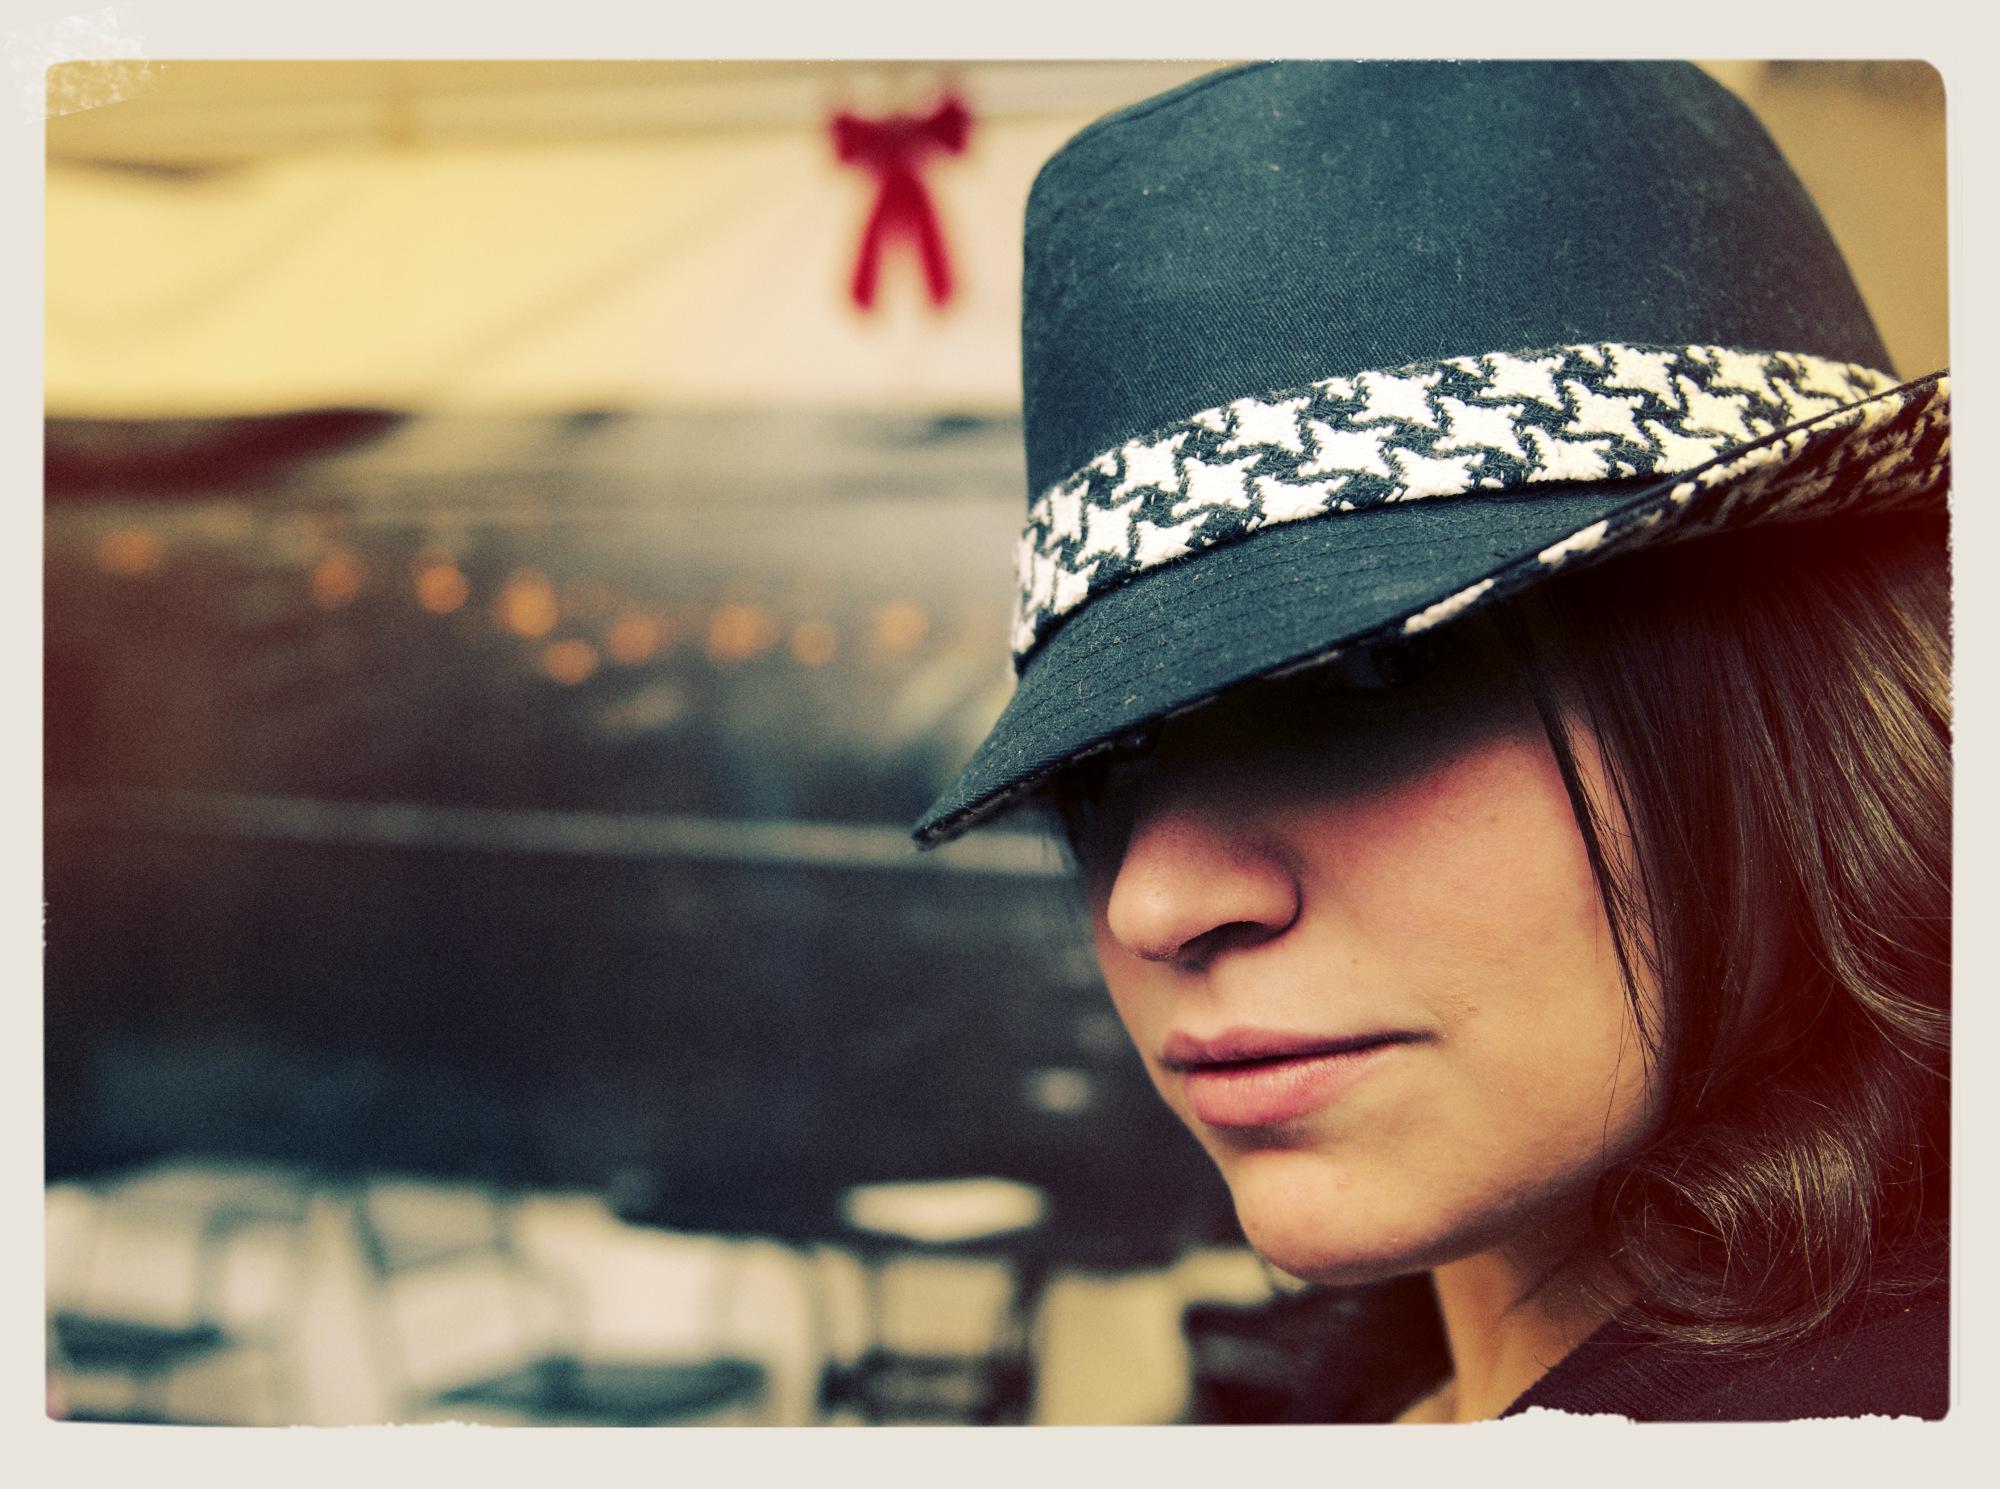 Lauren and her hat